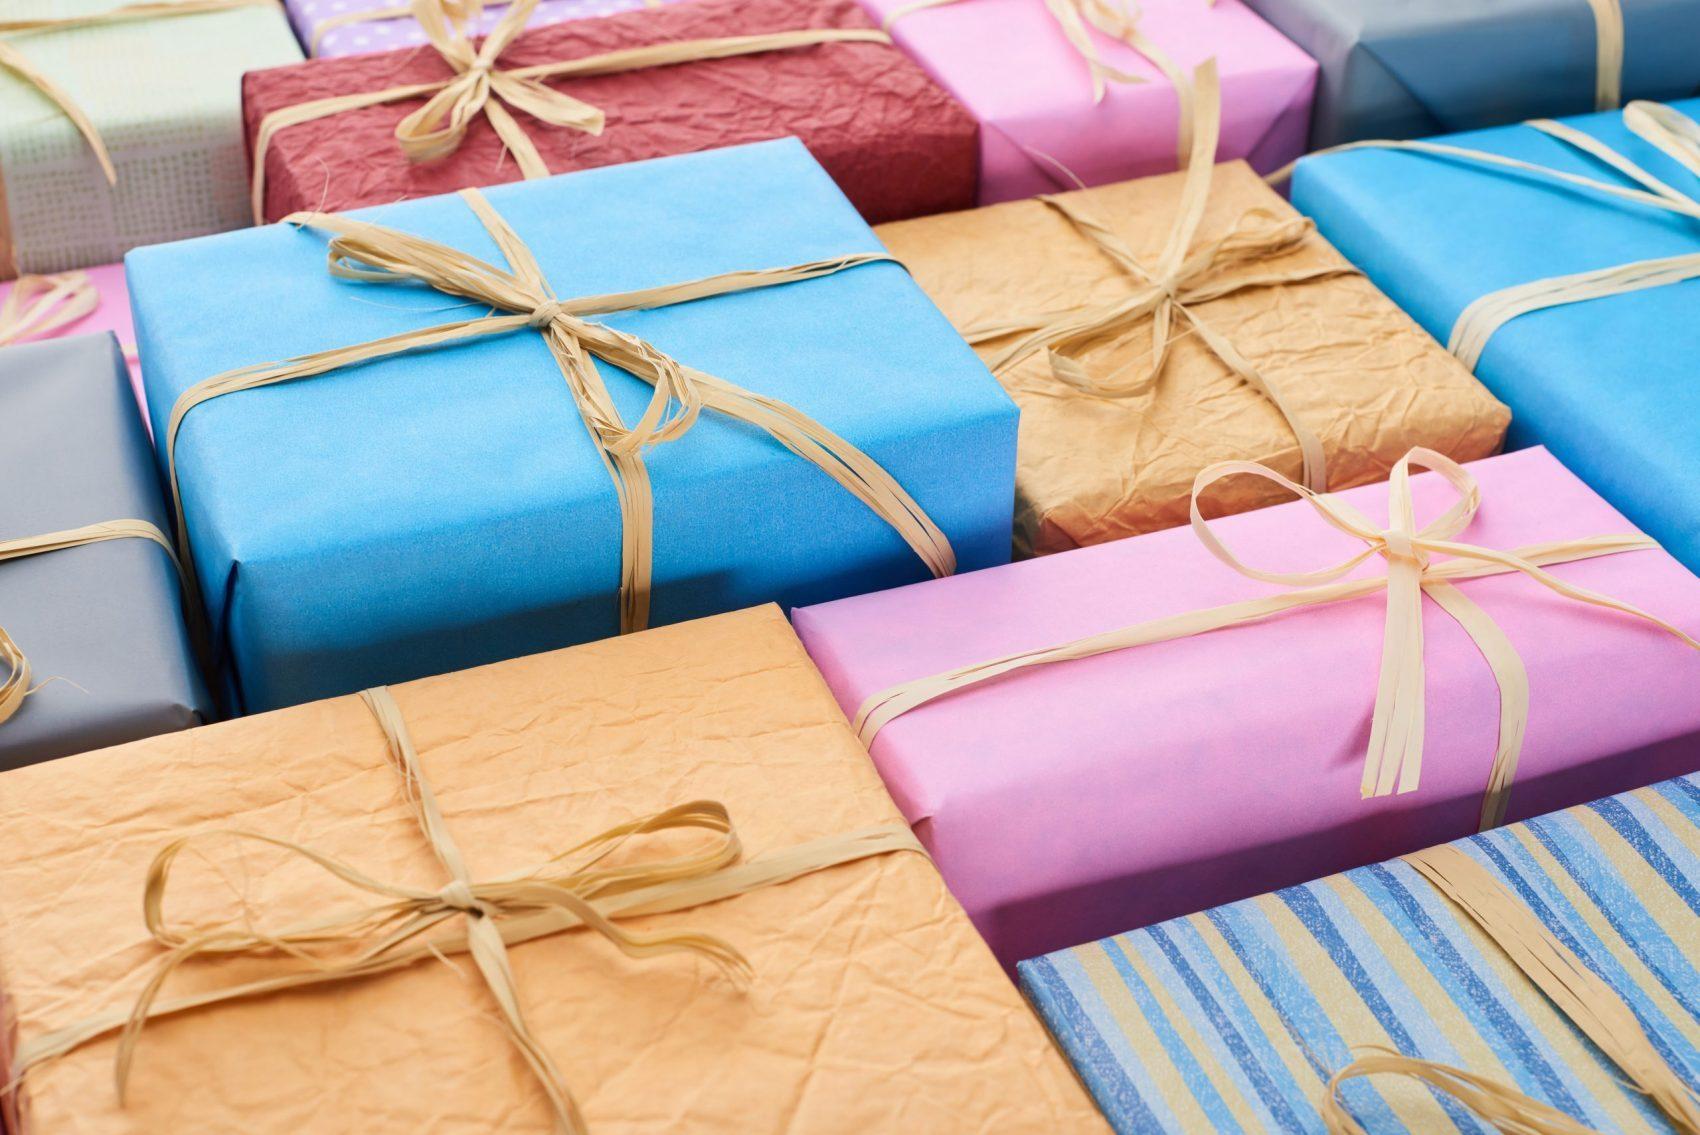 regali per battesimo da parte del padrino